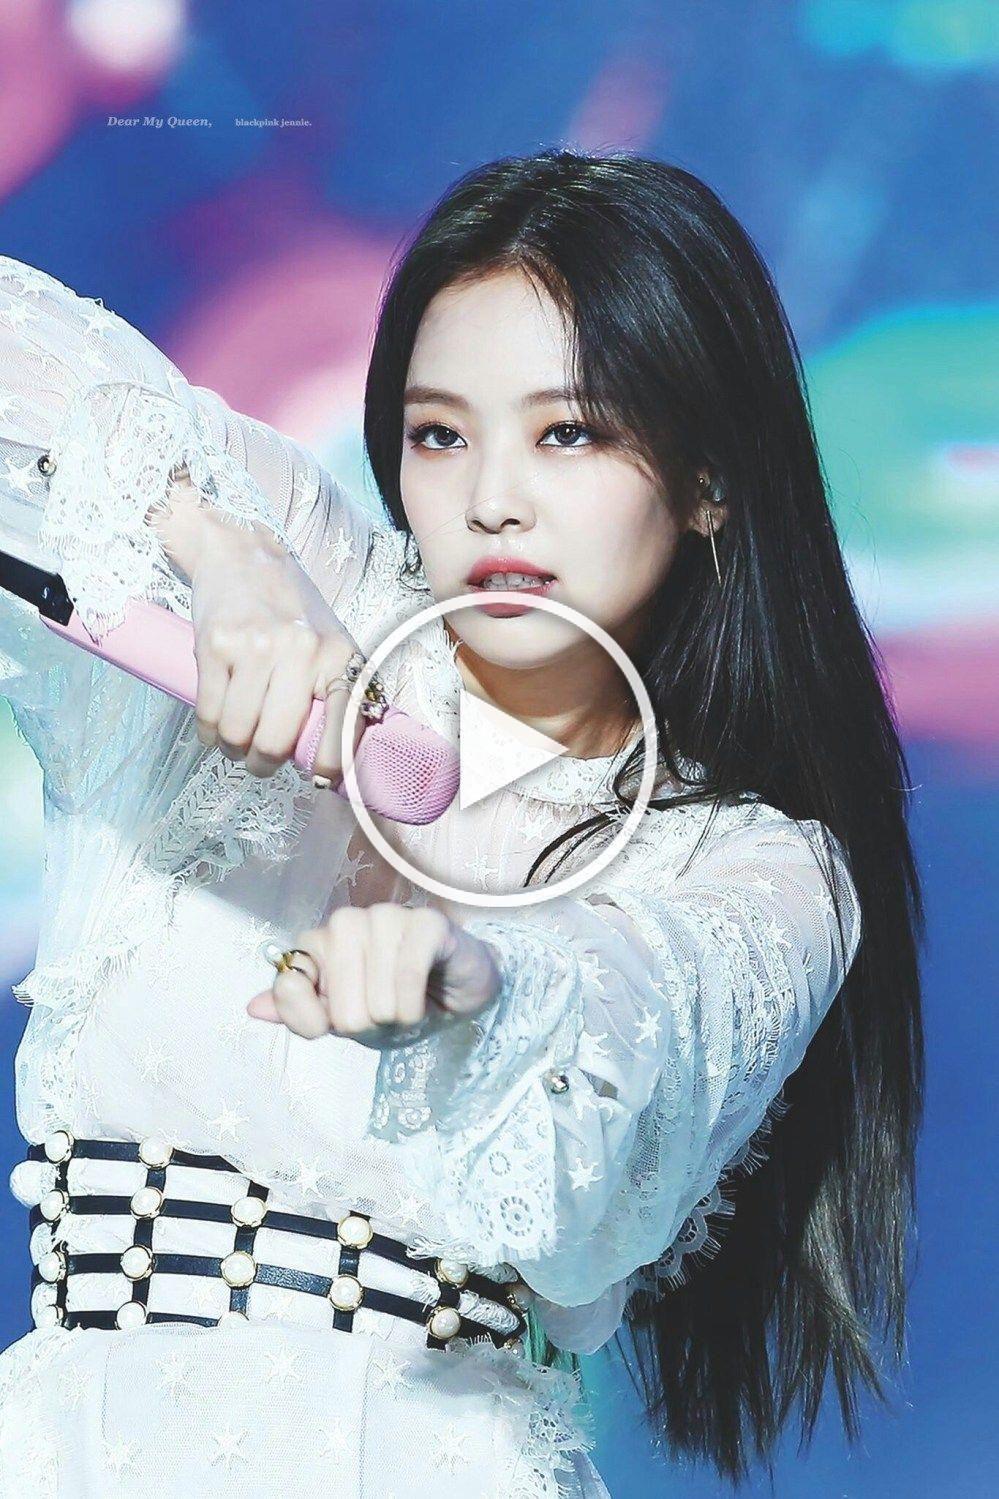 Tranh Cai Bxh Idol Nữ Hot Nhất Kpop Jennie Gianh No 1 Nhưng Jisoo Va 2 Mỹ Nhan Black Pink Bị 4 Tan Binh Vượt Mặt Blackpink Black Pink Blackpink Jennie